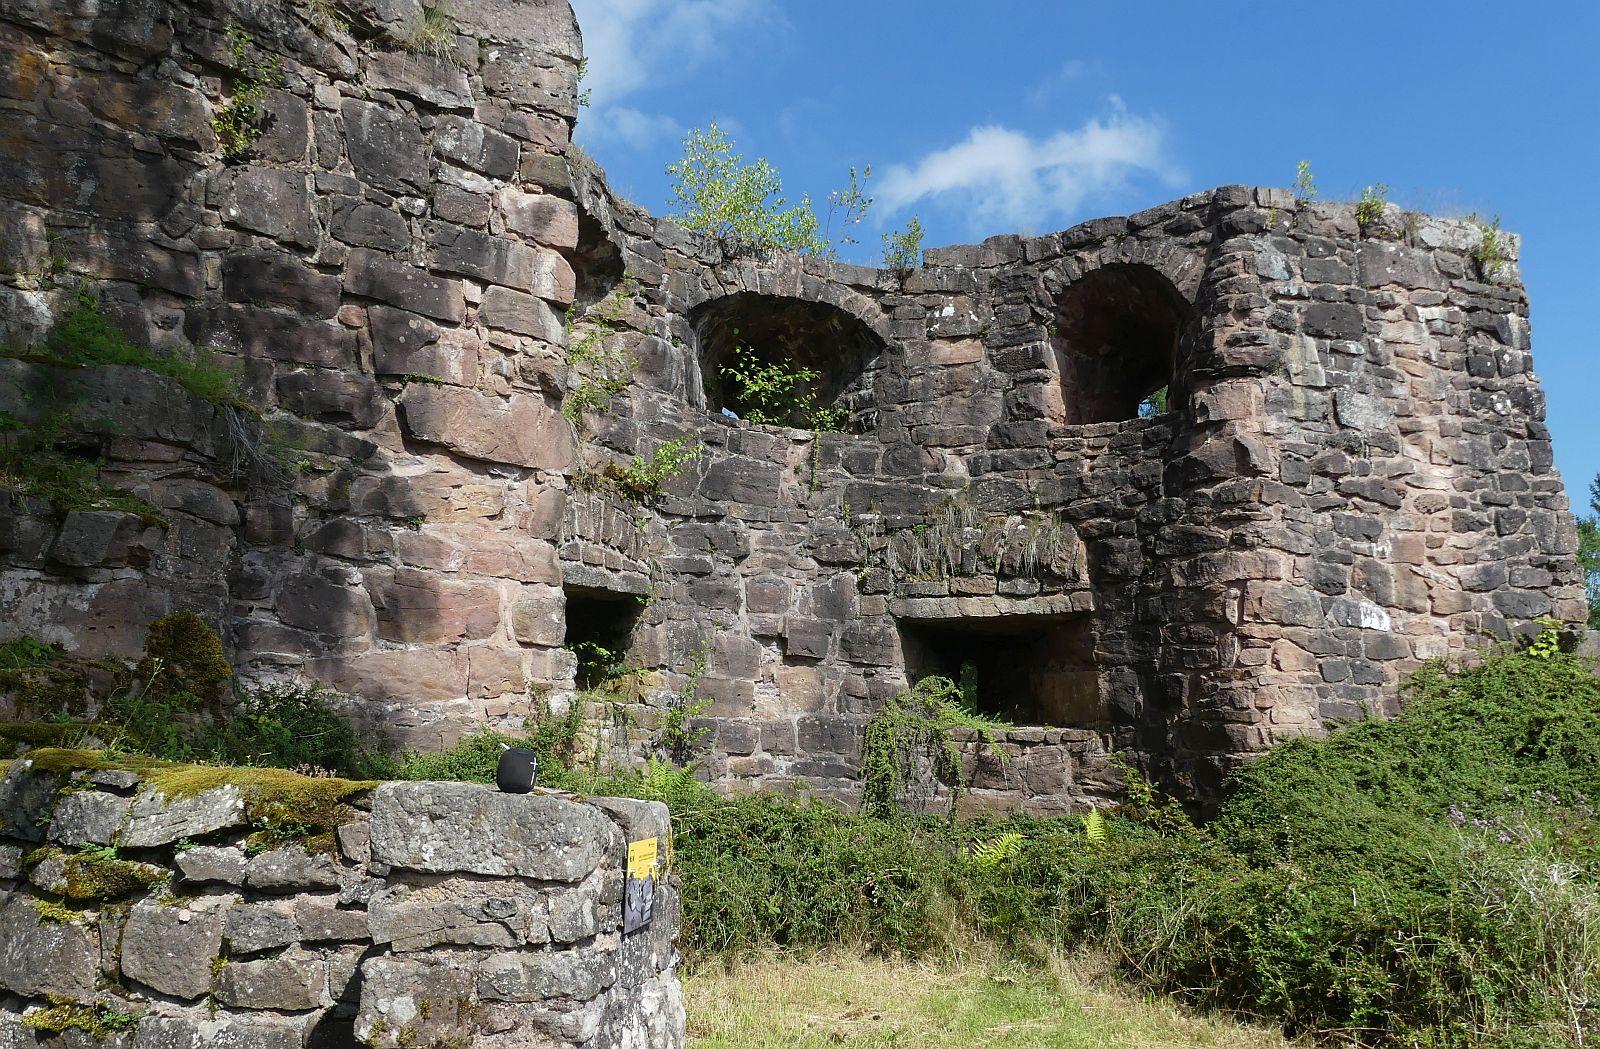 Mächtig: Die Mauern der Hohenschramberg. Foto: him